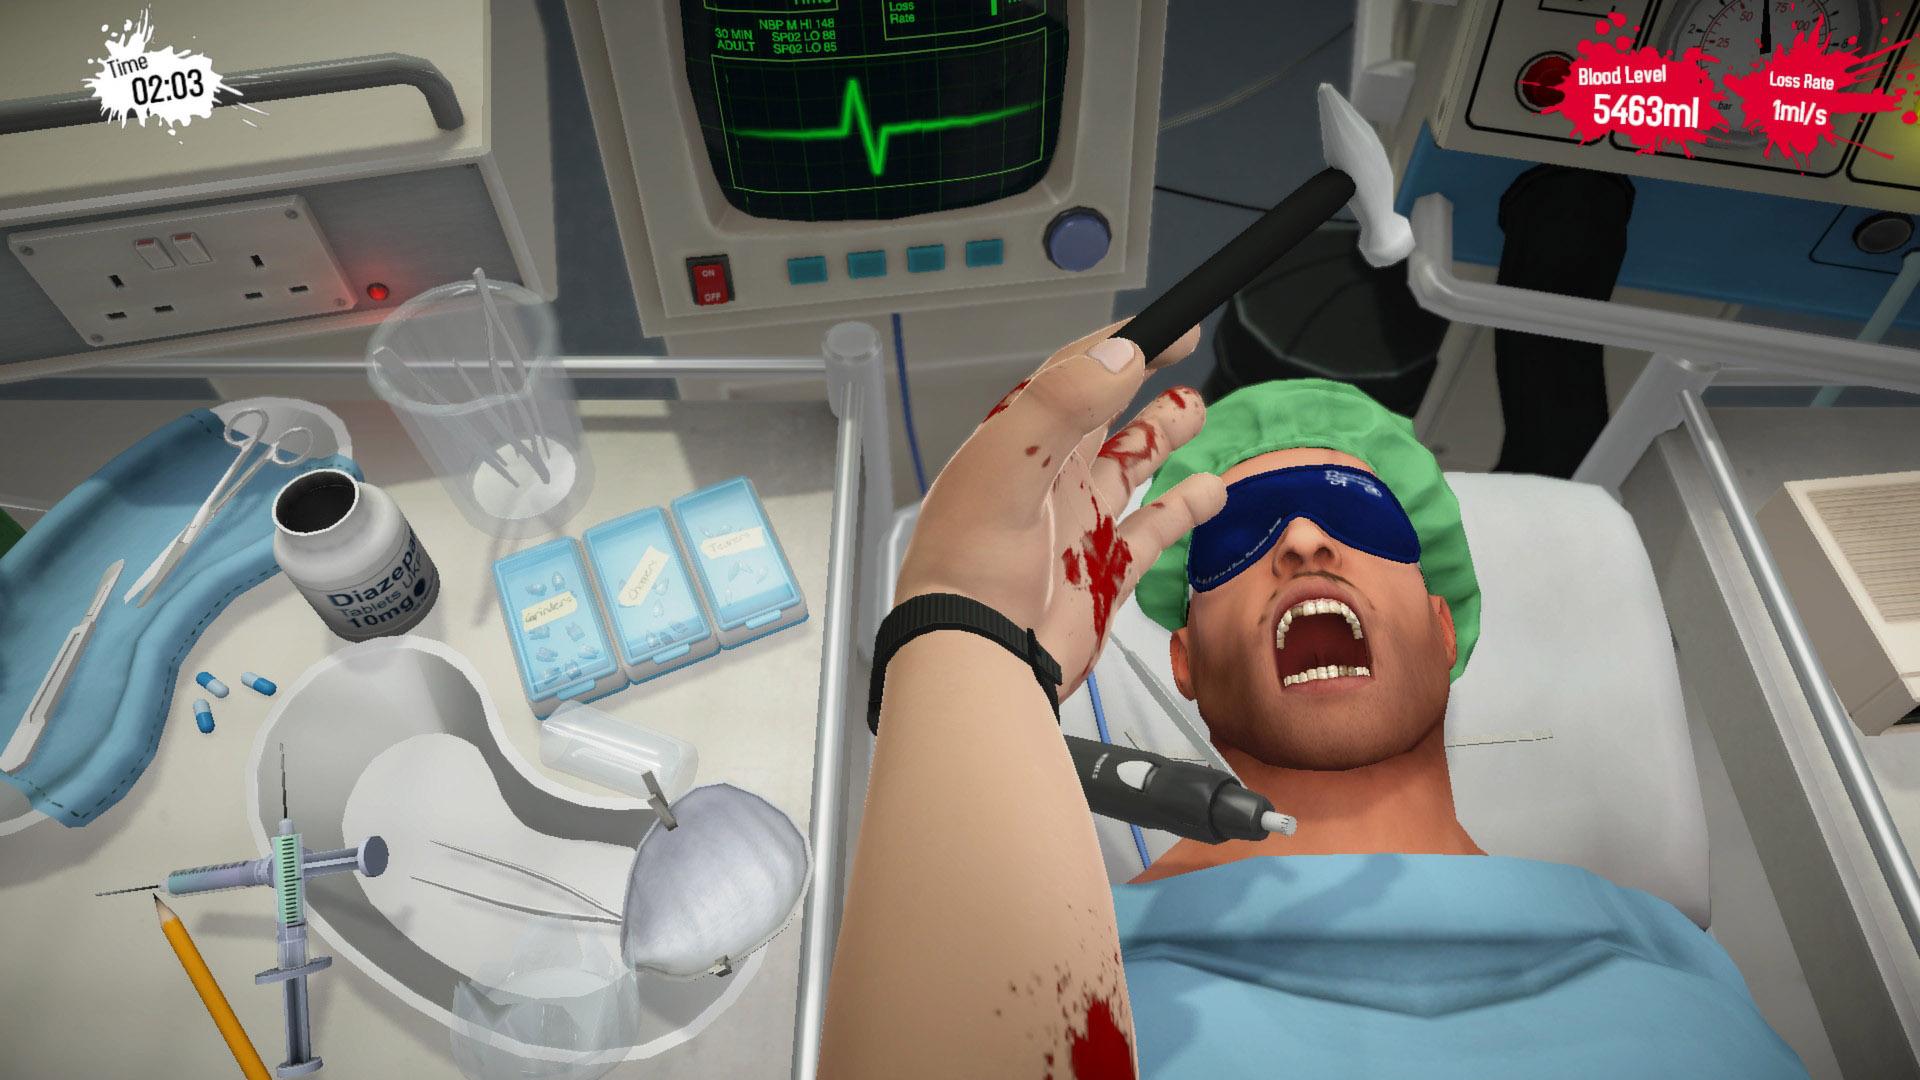 Игры симулятор доктора скачать